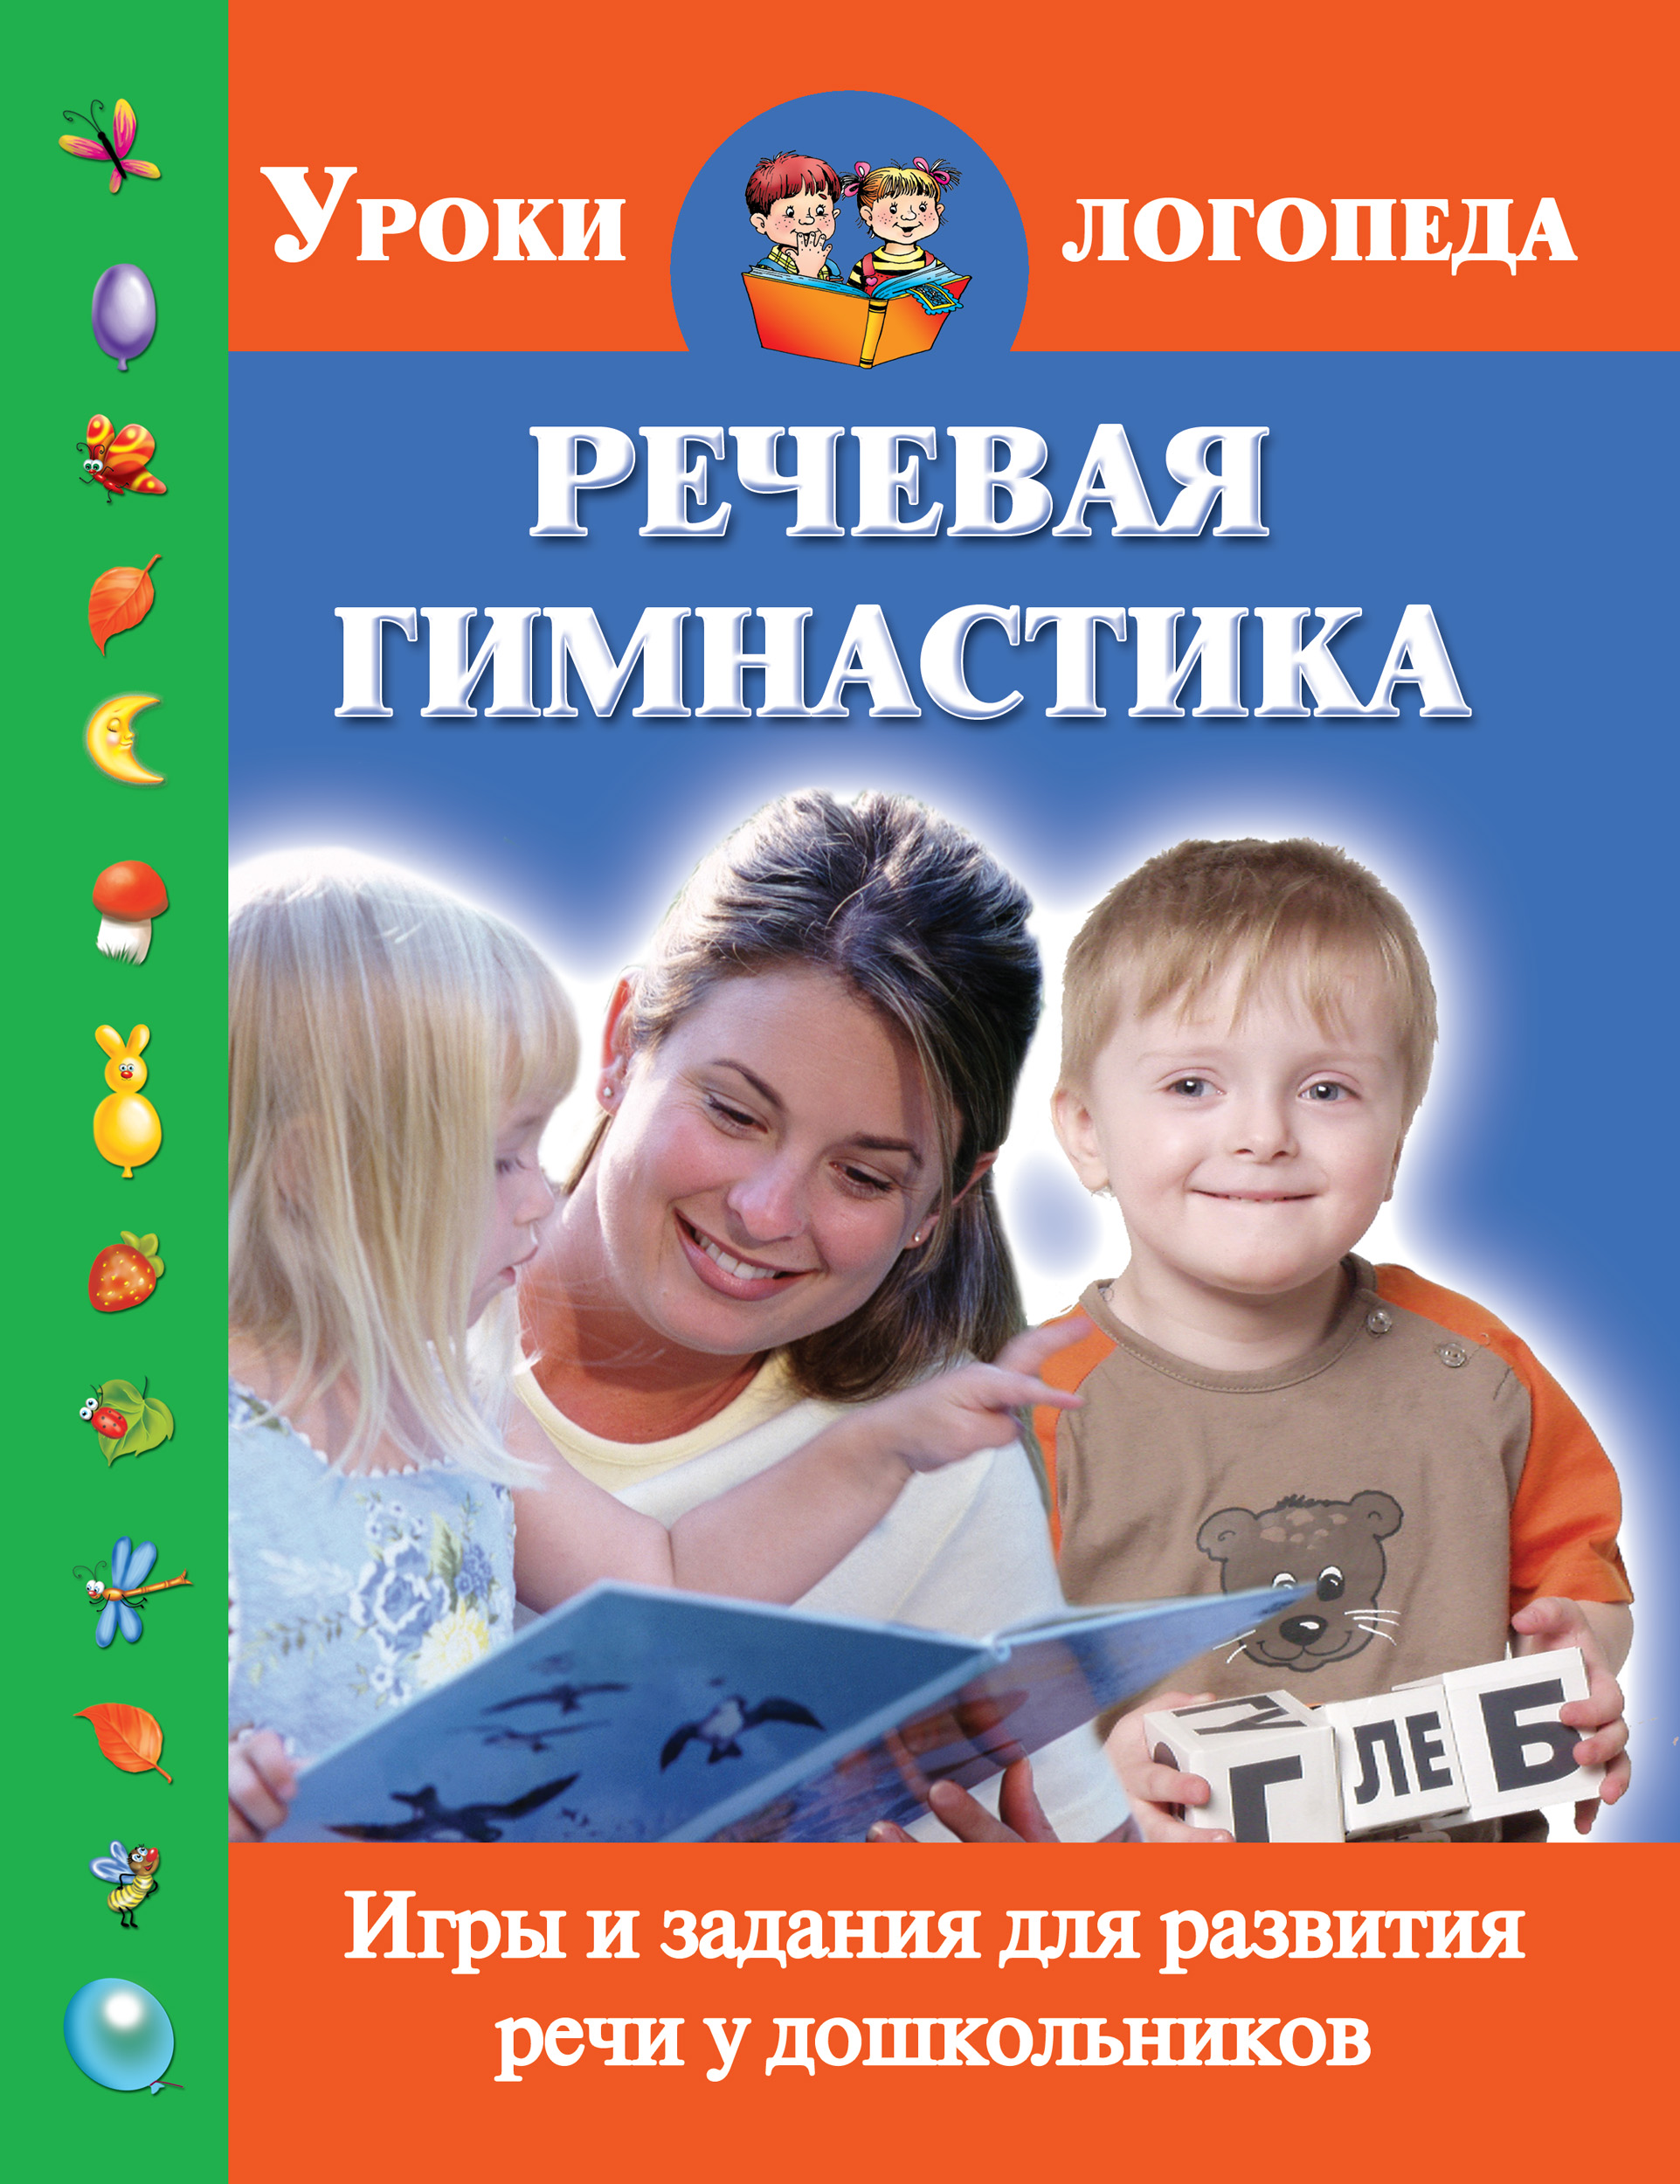 Речевая гимнастика. Игры и задания для развития речи у дошкольников